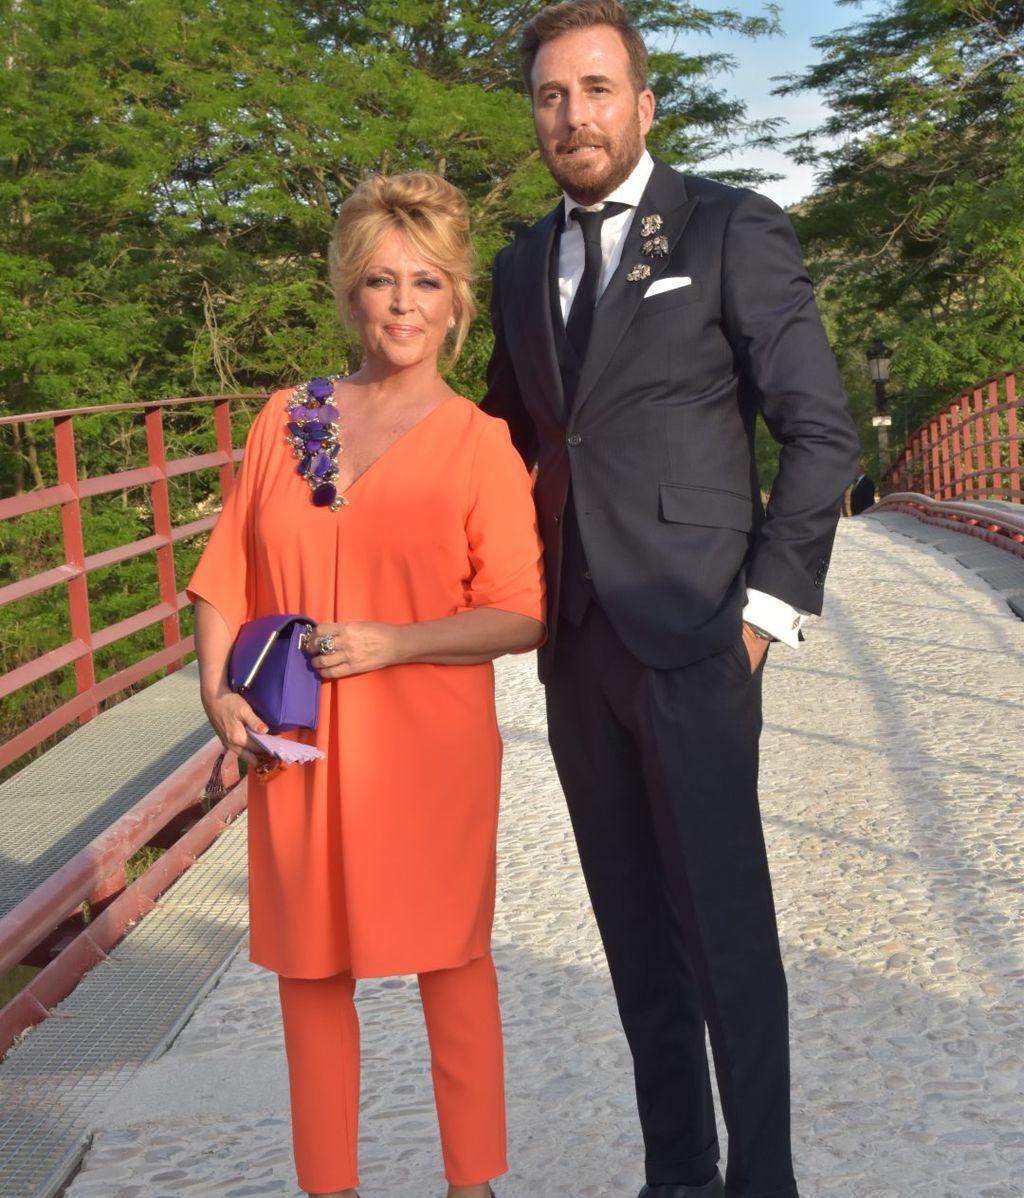 Los invitados a la boda de Belén Esteban: sus looks y vestidos, foto a foto